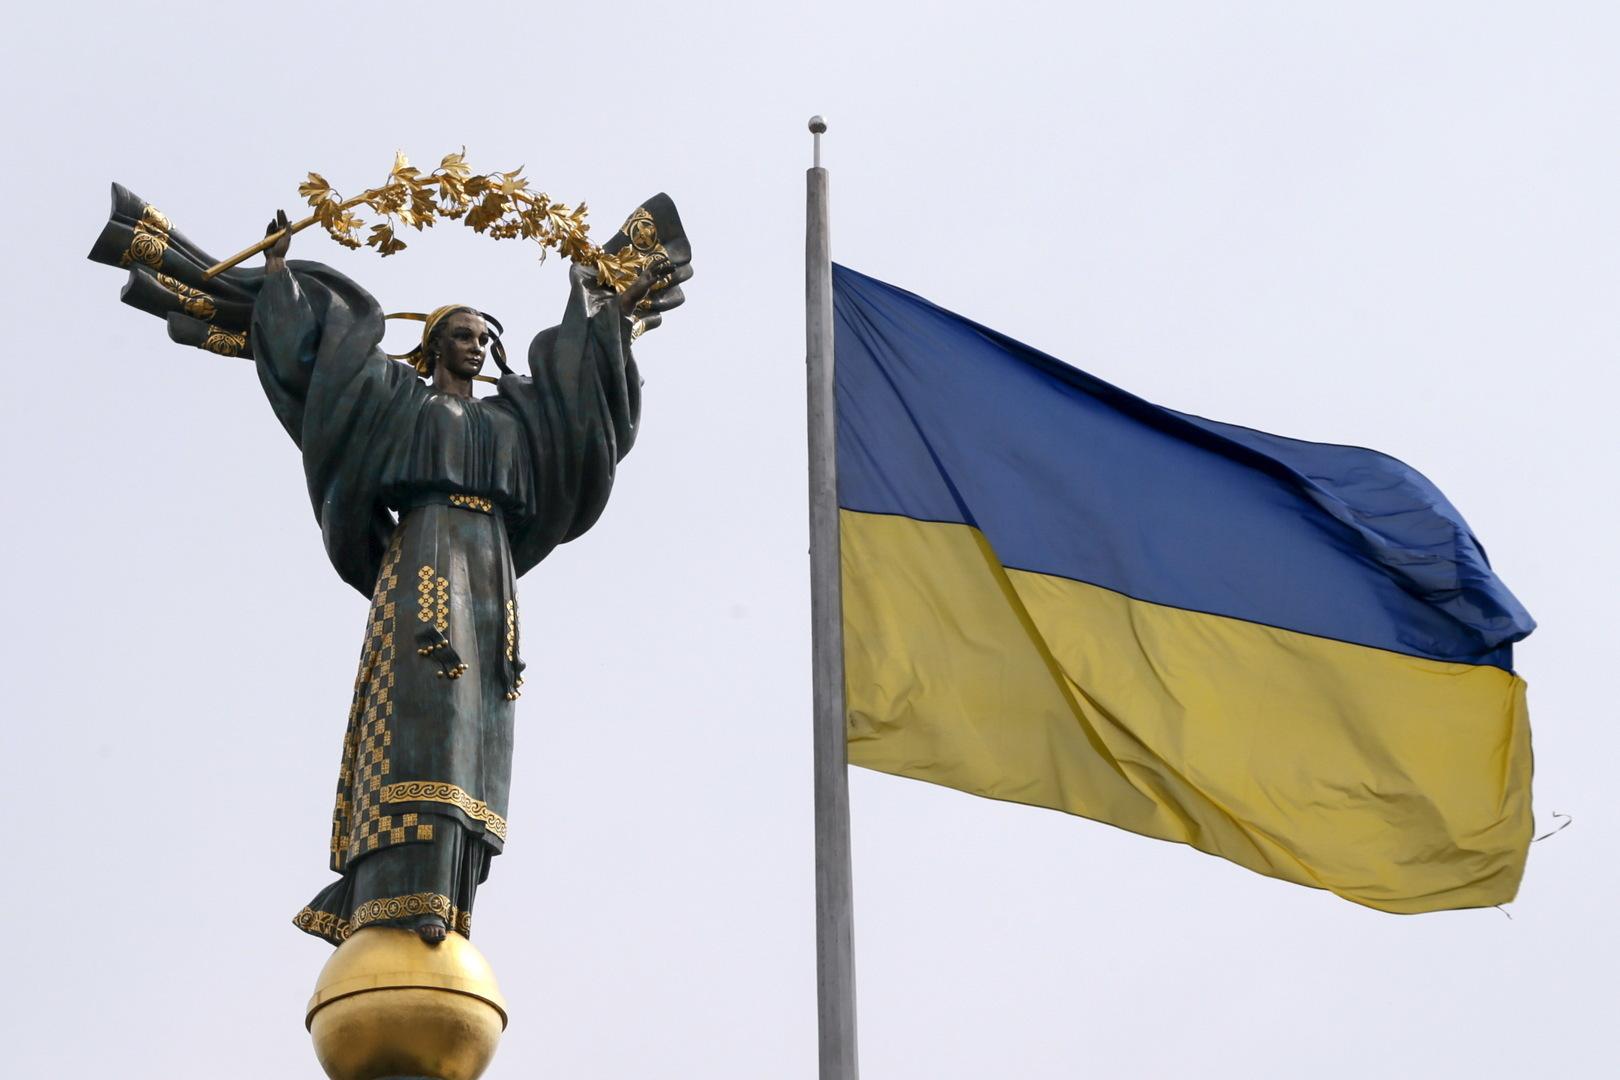 أوكرانيا تطرد دبلوماسيا روسيا ردا على إعلان قنصلها في بطرسبورغ شخصية غير مرغوب فيها